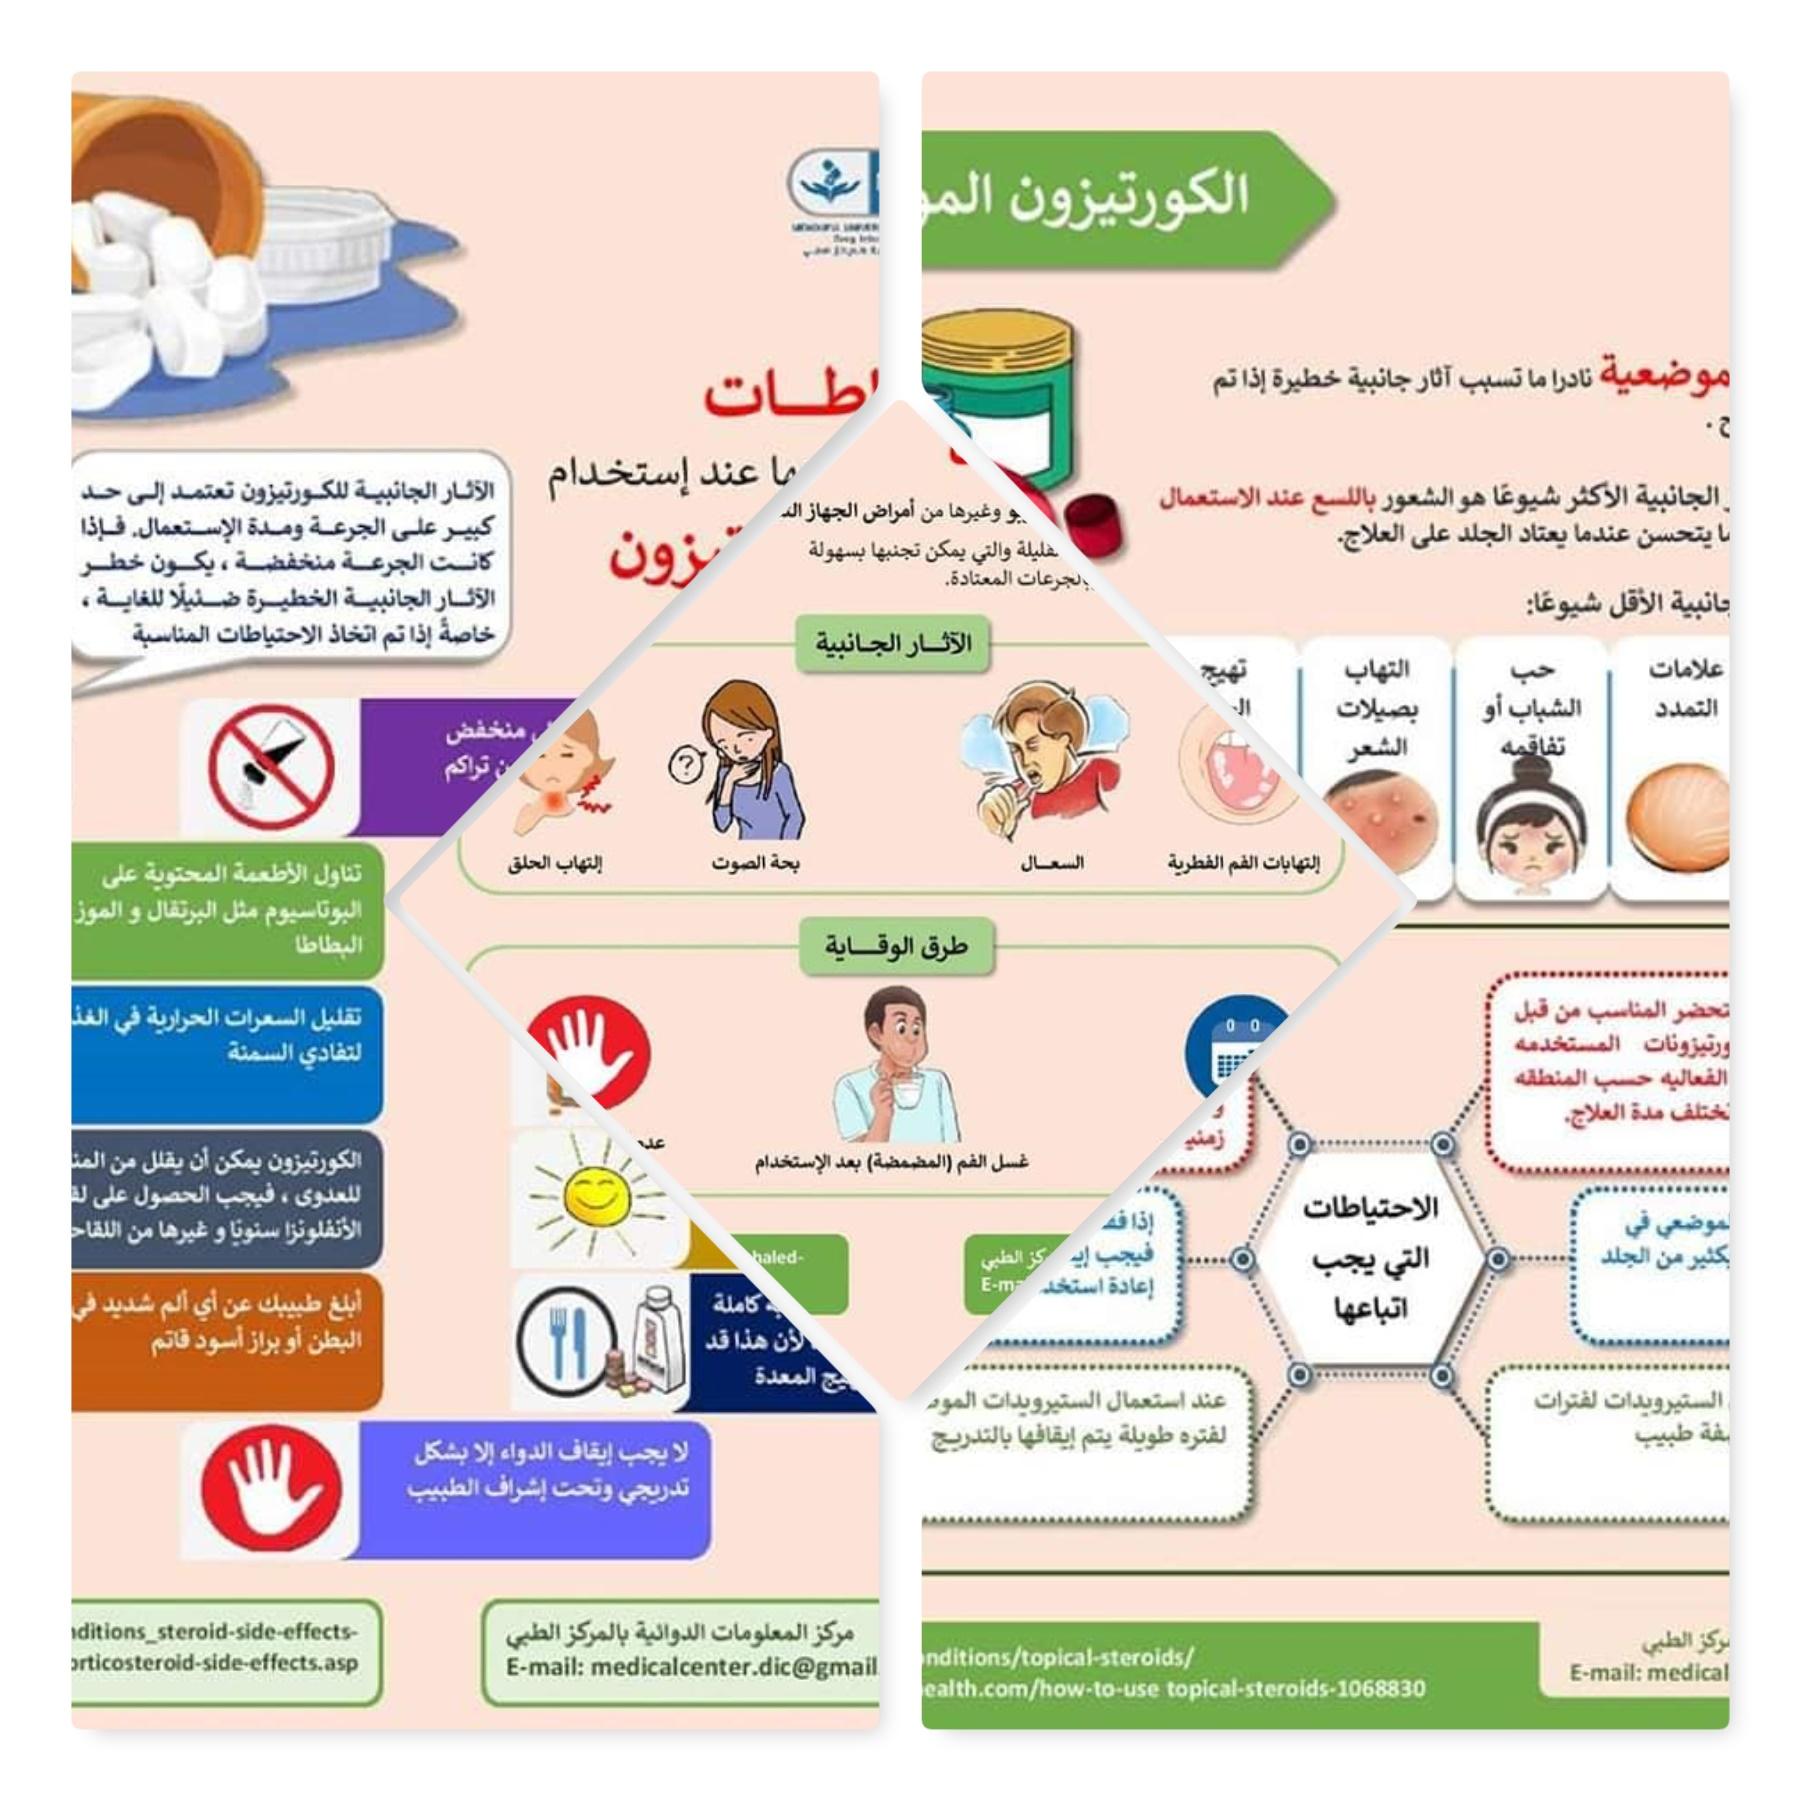 مركز المعلومات الدوائية ينشر حملة دوائية للإستخام الأمثل لدواء الكورتيزون